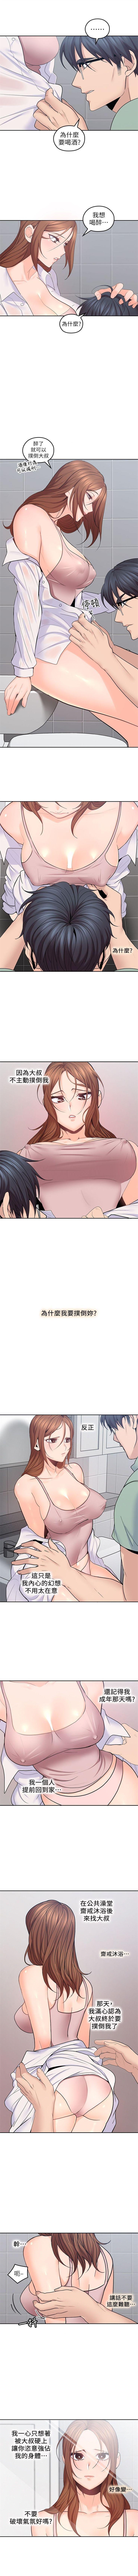 (週4)親愛的大叔 1-33 中文翻譯(更新中) 126